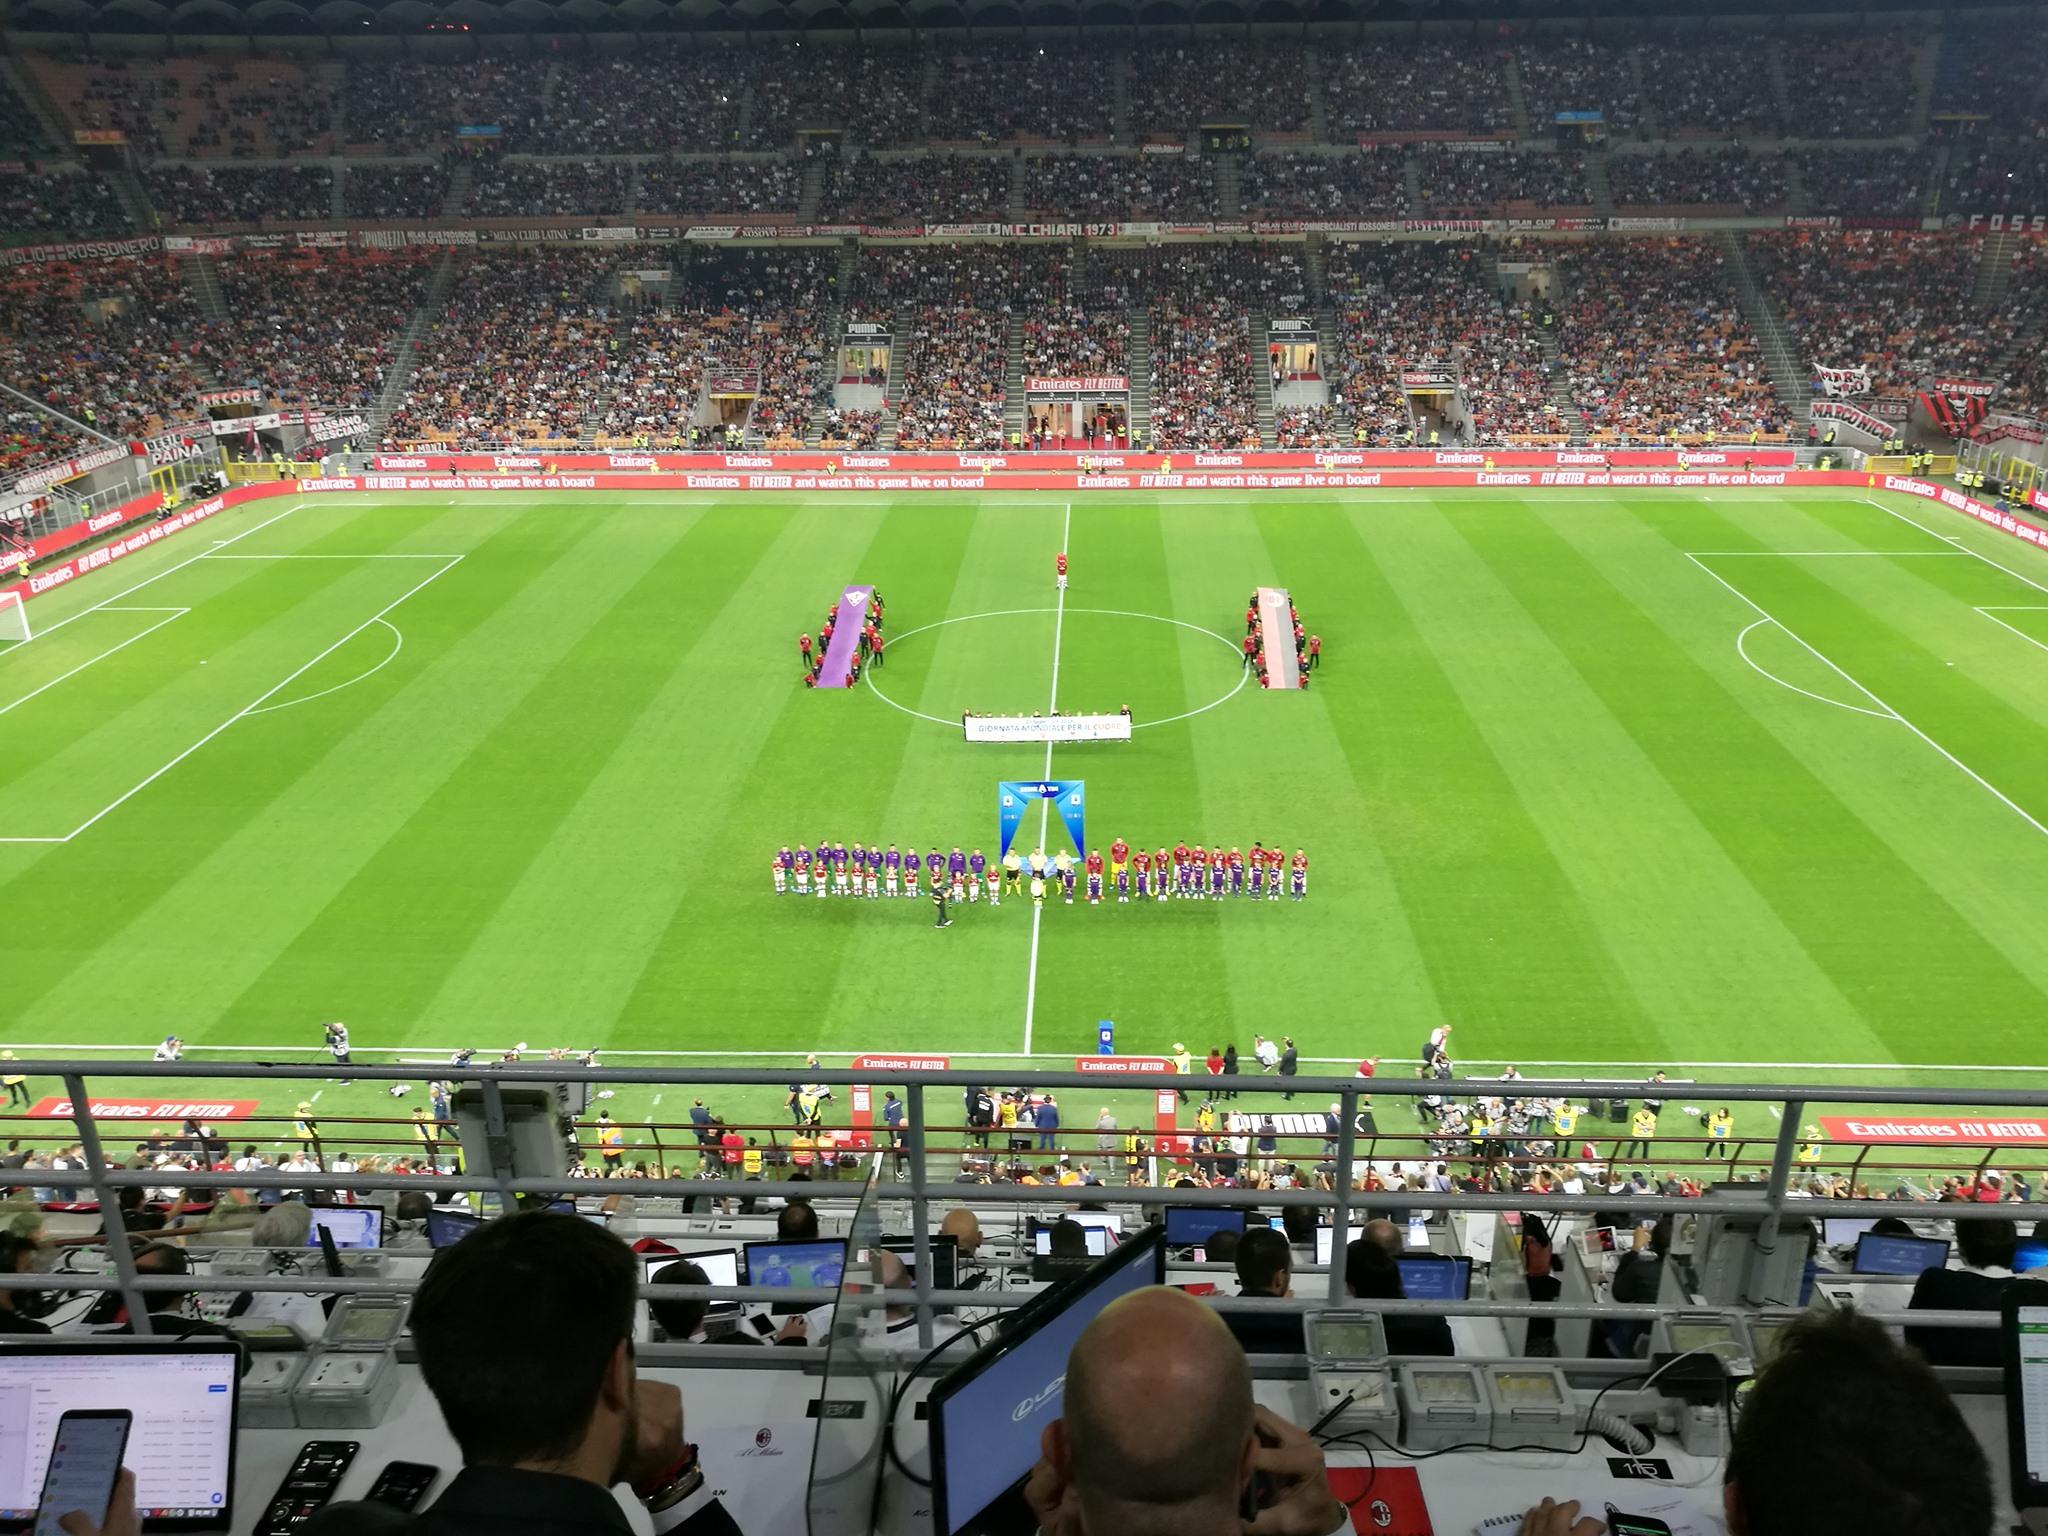 Milan a picco, la Fiorentina si impone 1-3